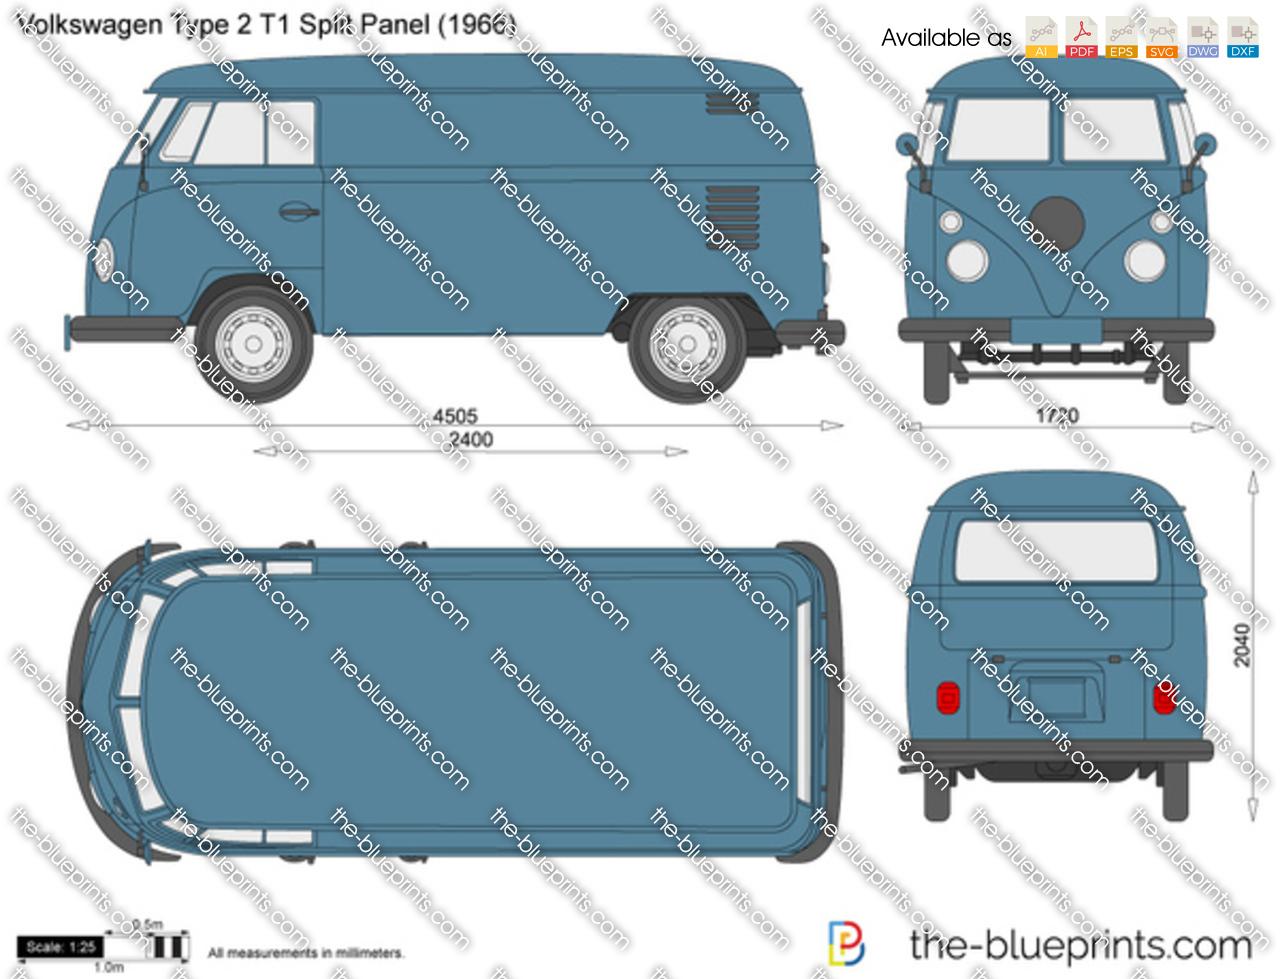 Volkswagen Type 2 T1 Split Panel 1953